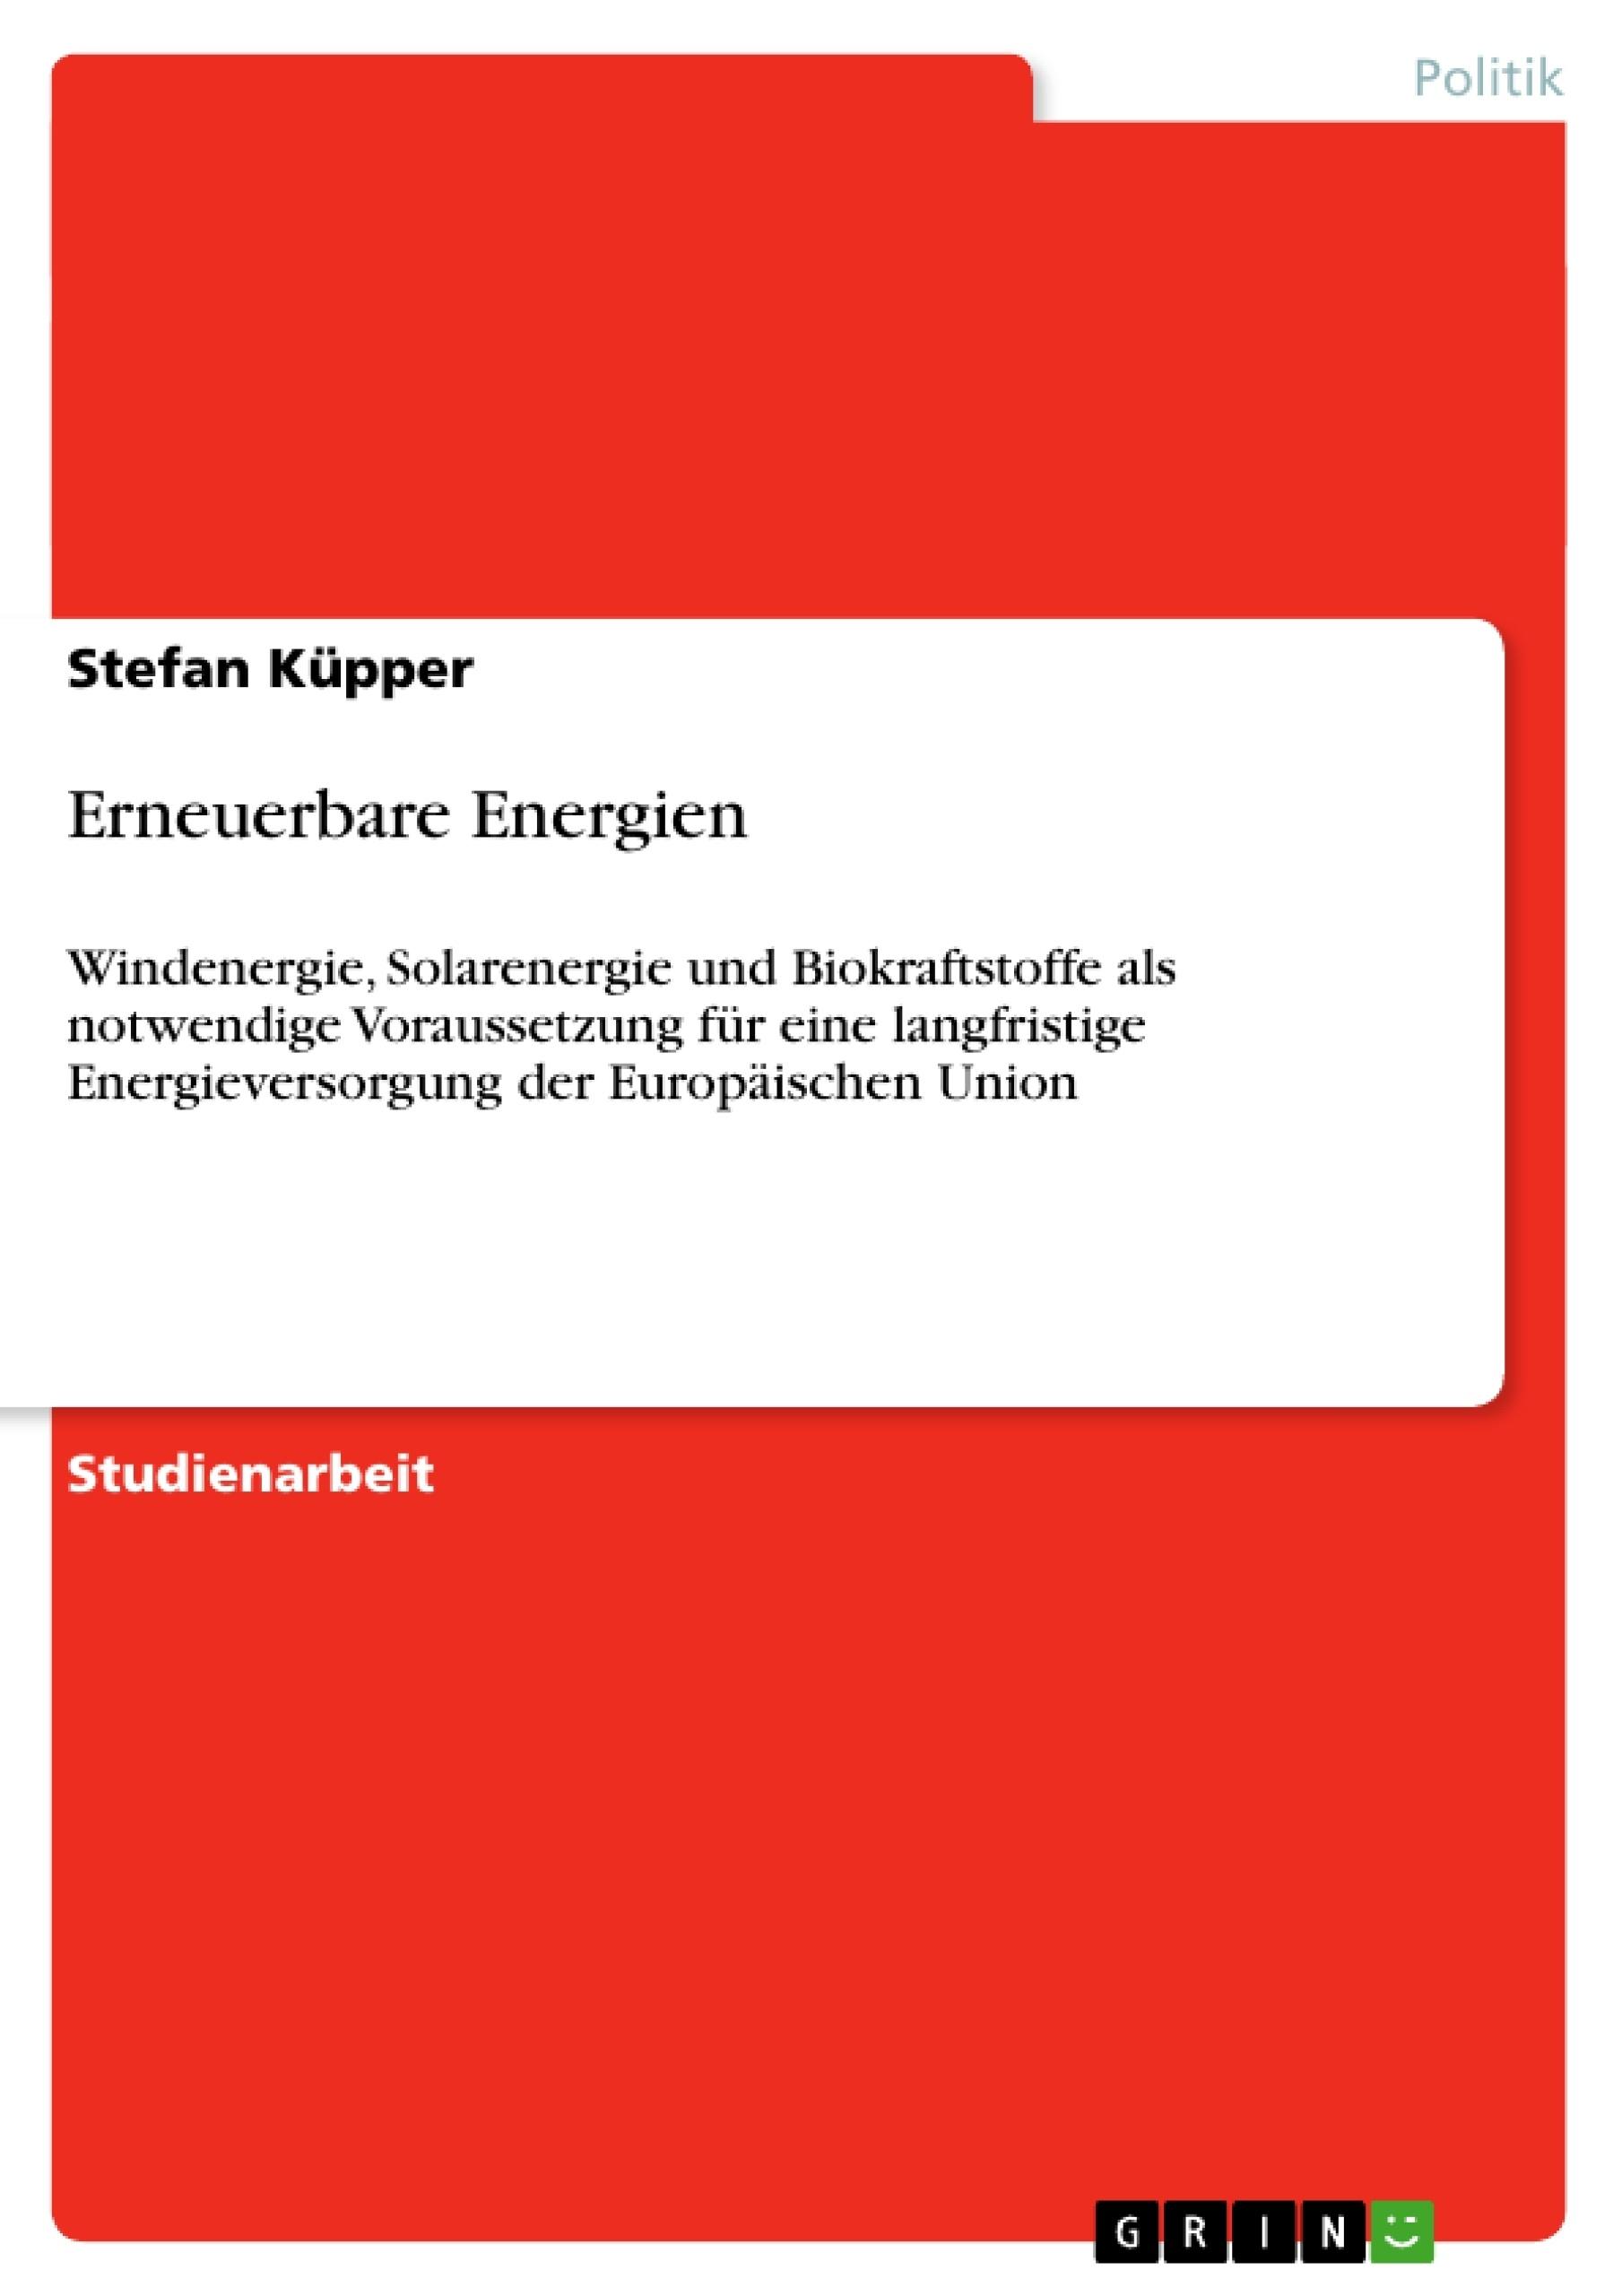 Titel: Erneuerbare Energien